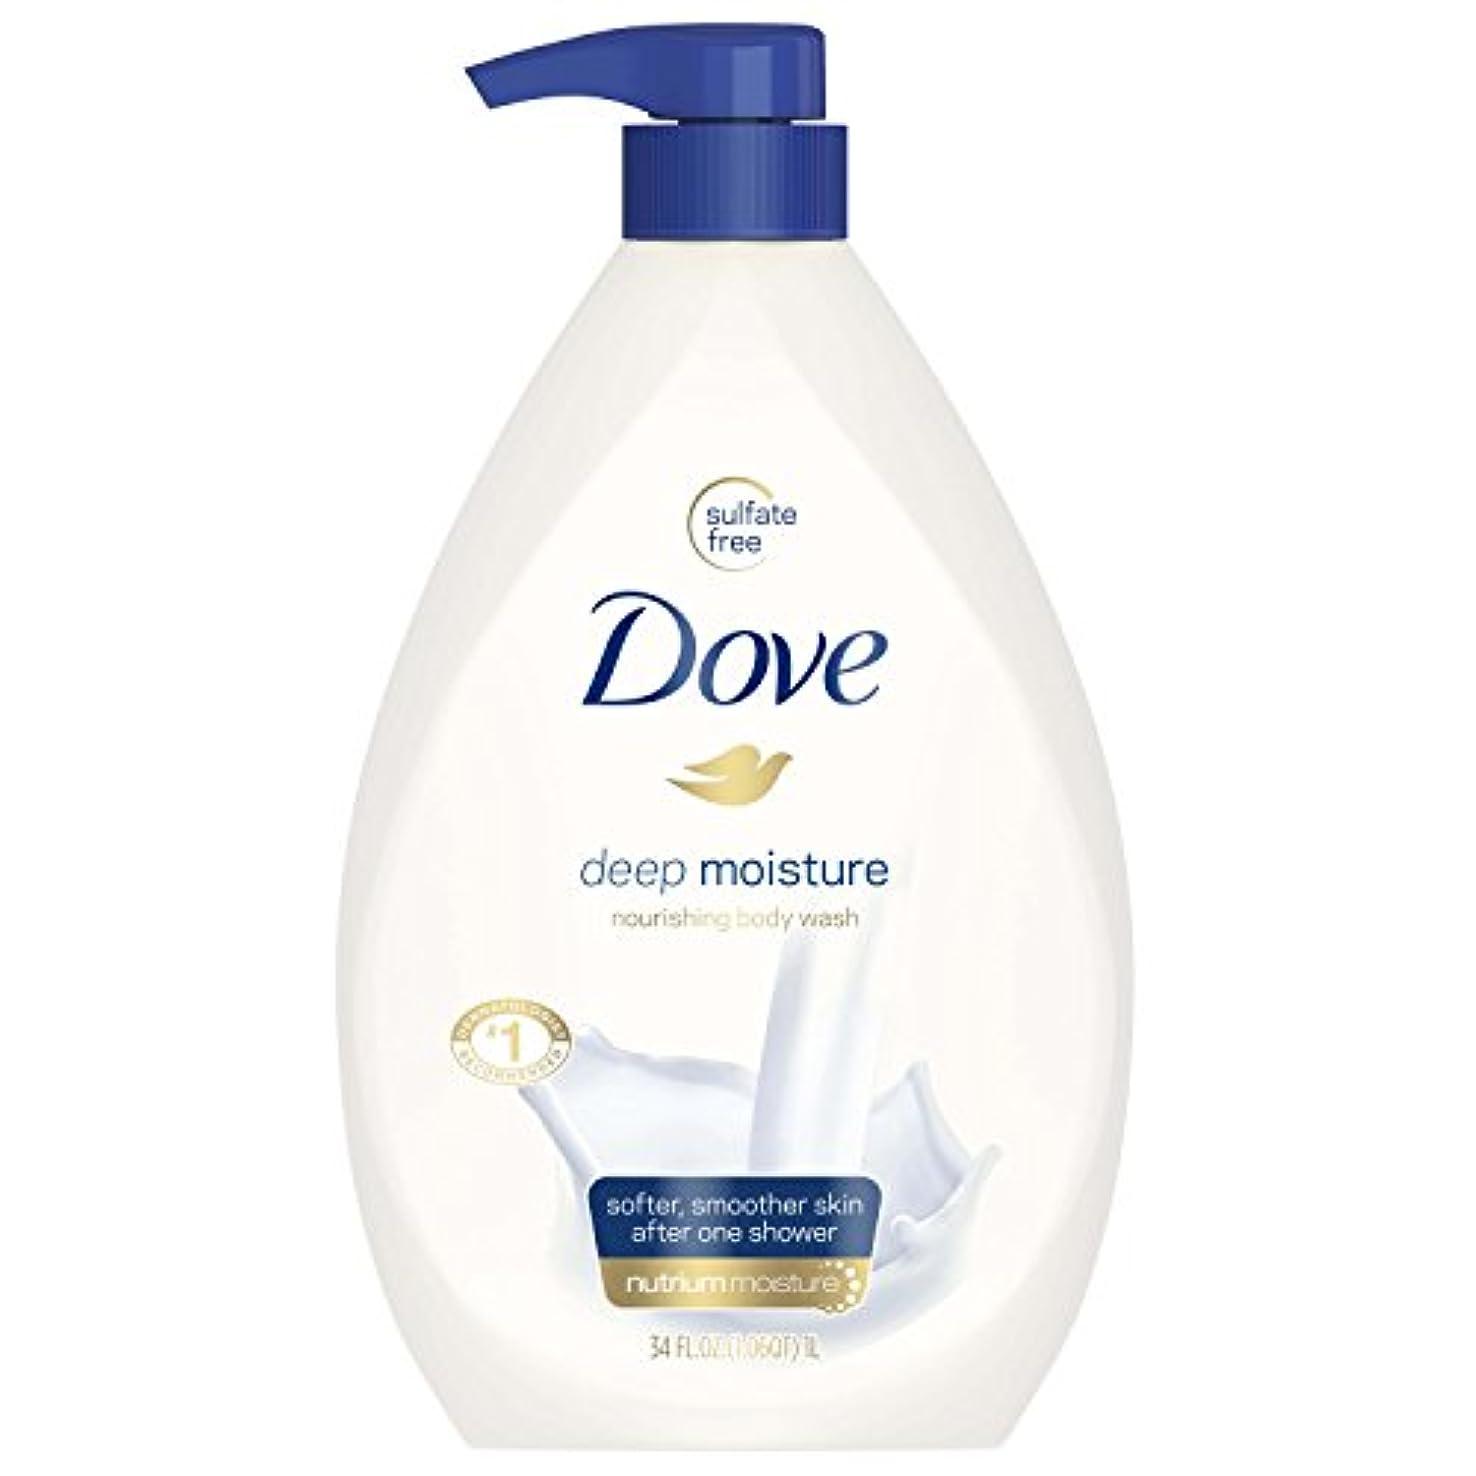 バイオレット規制子供達Dove Body Wash, Deep Moisture Pump 34 Ounce by Dove